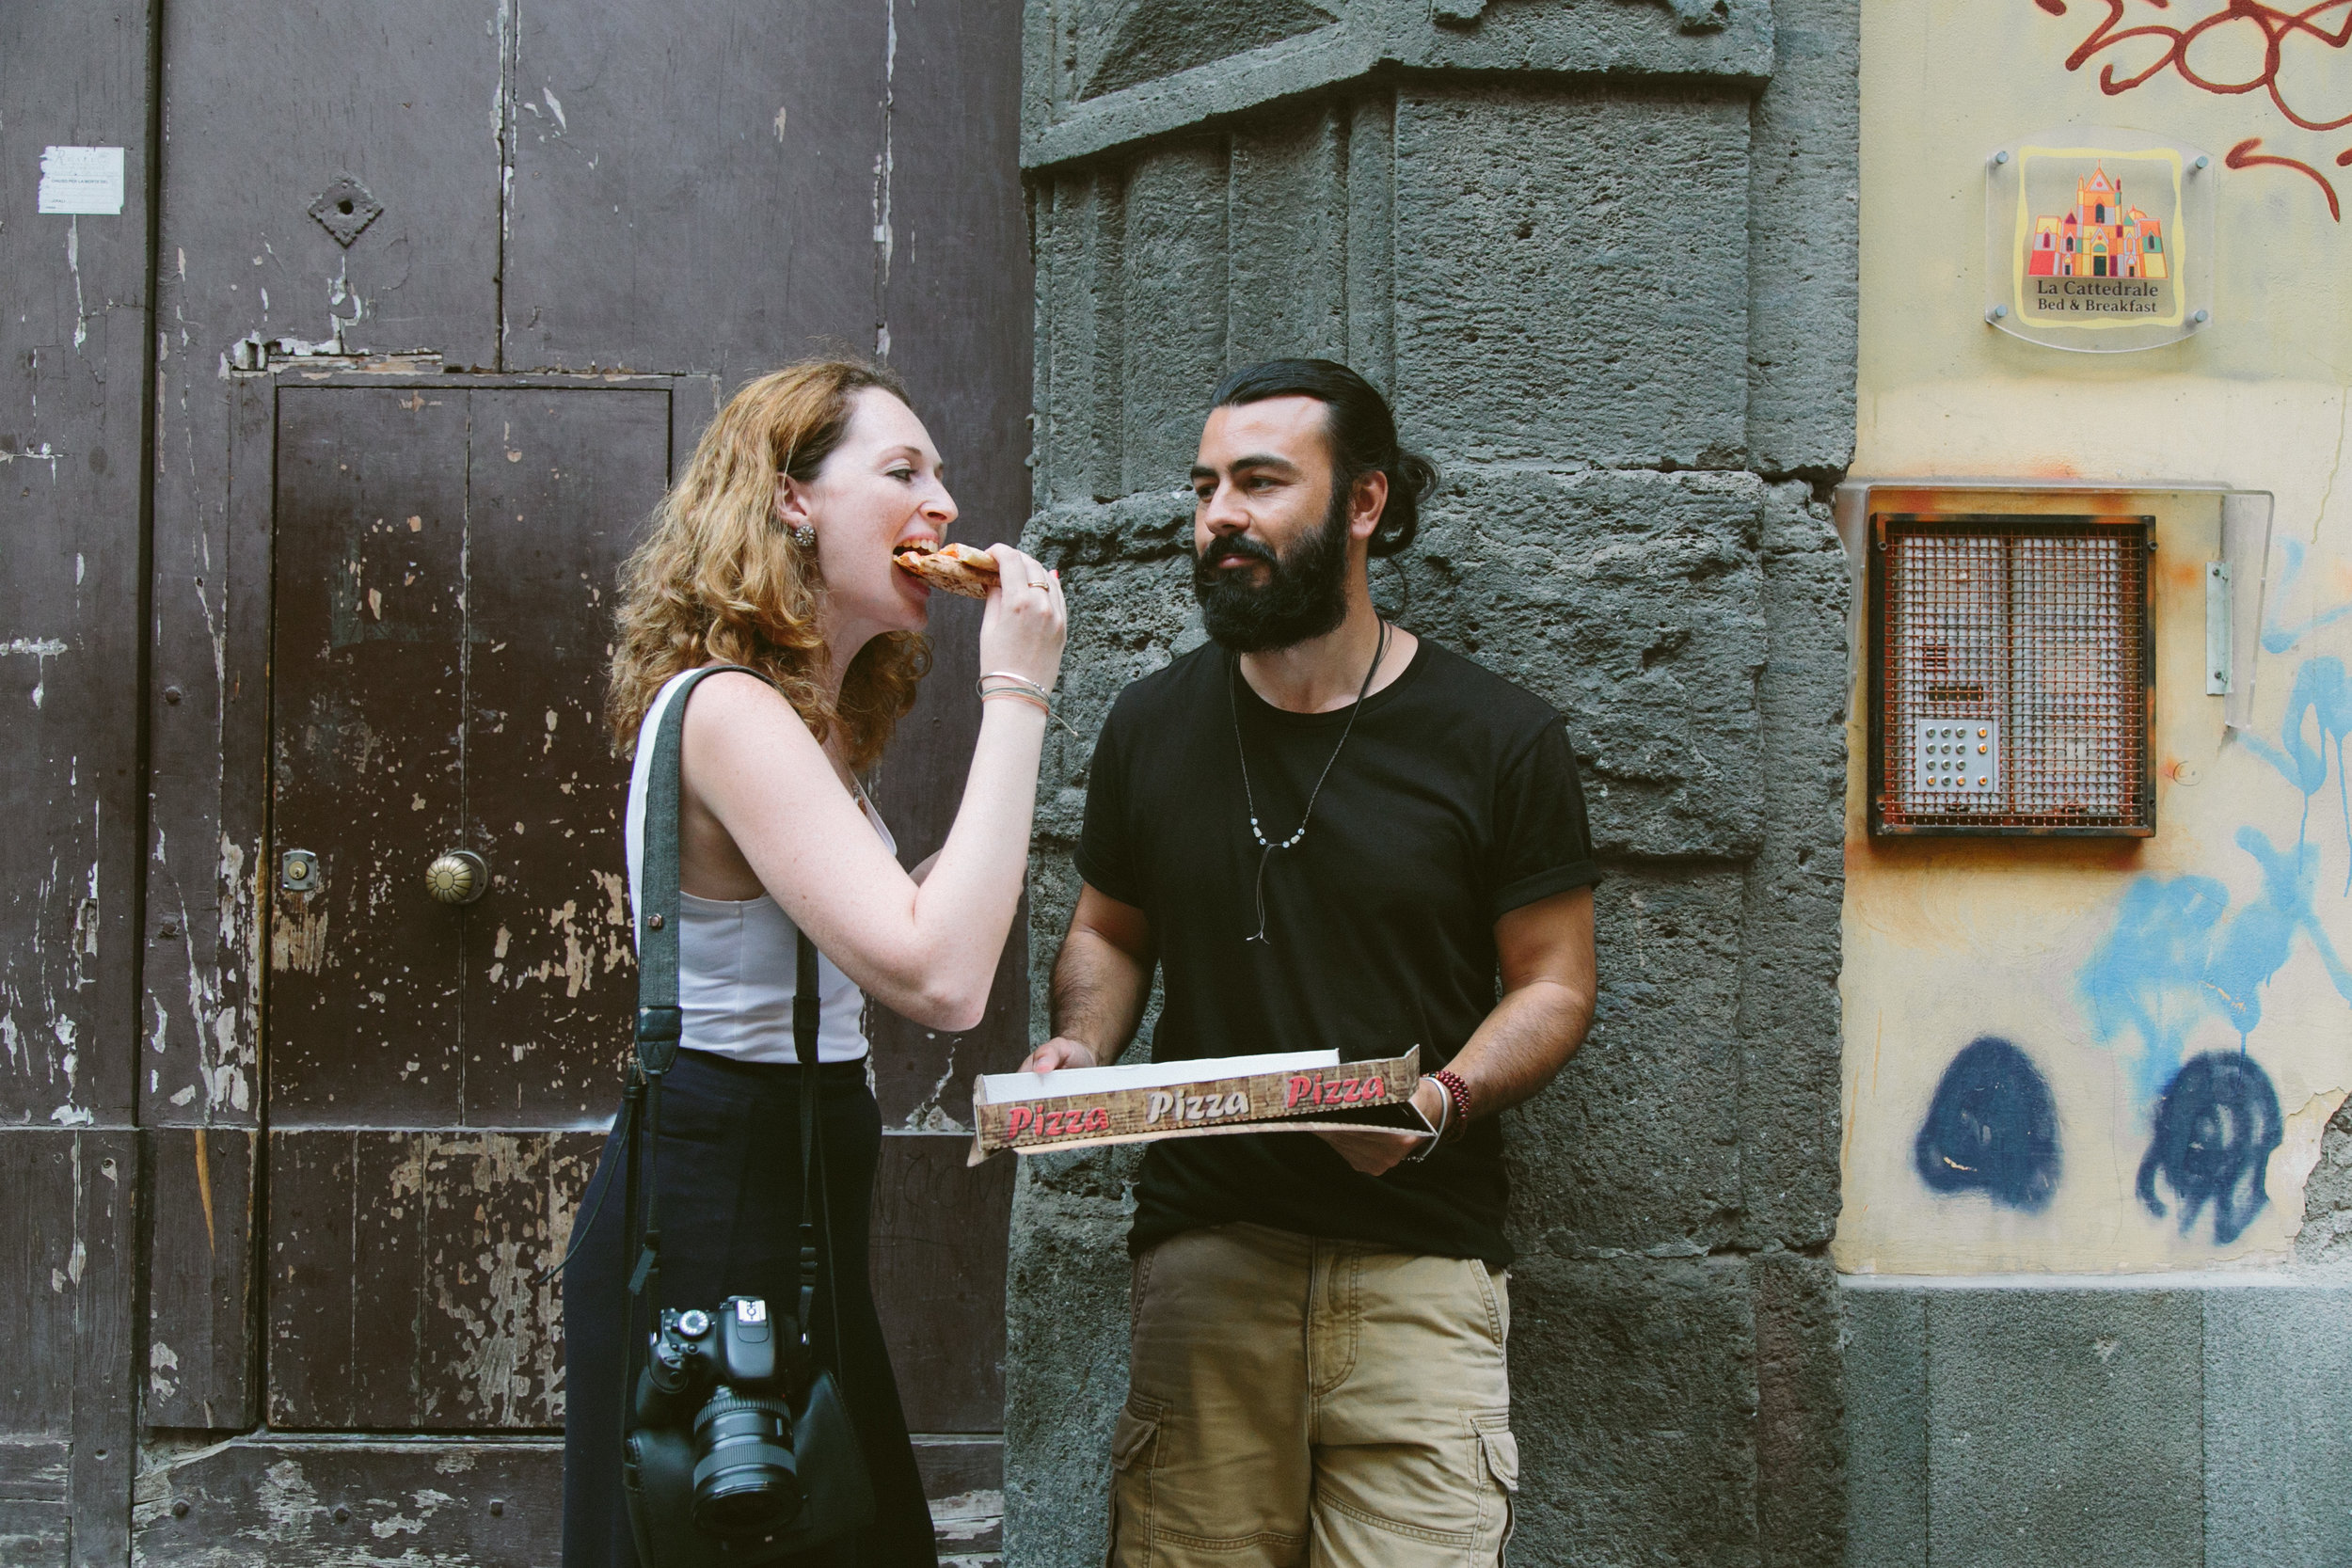 Pizza na rua em Nápoles